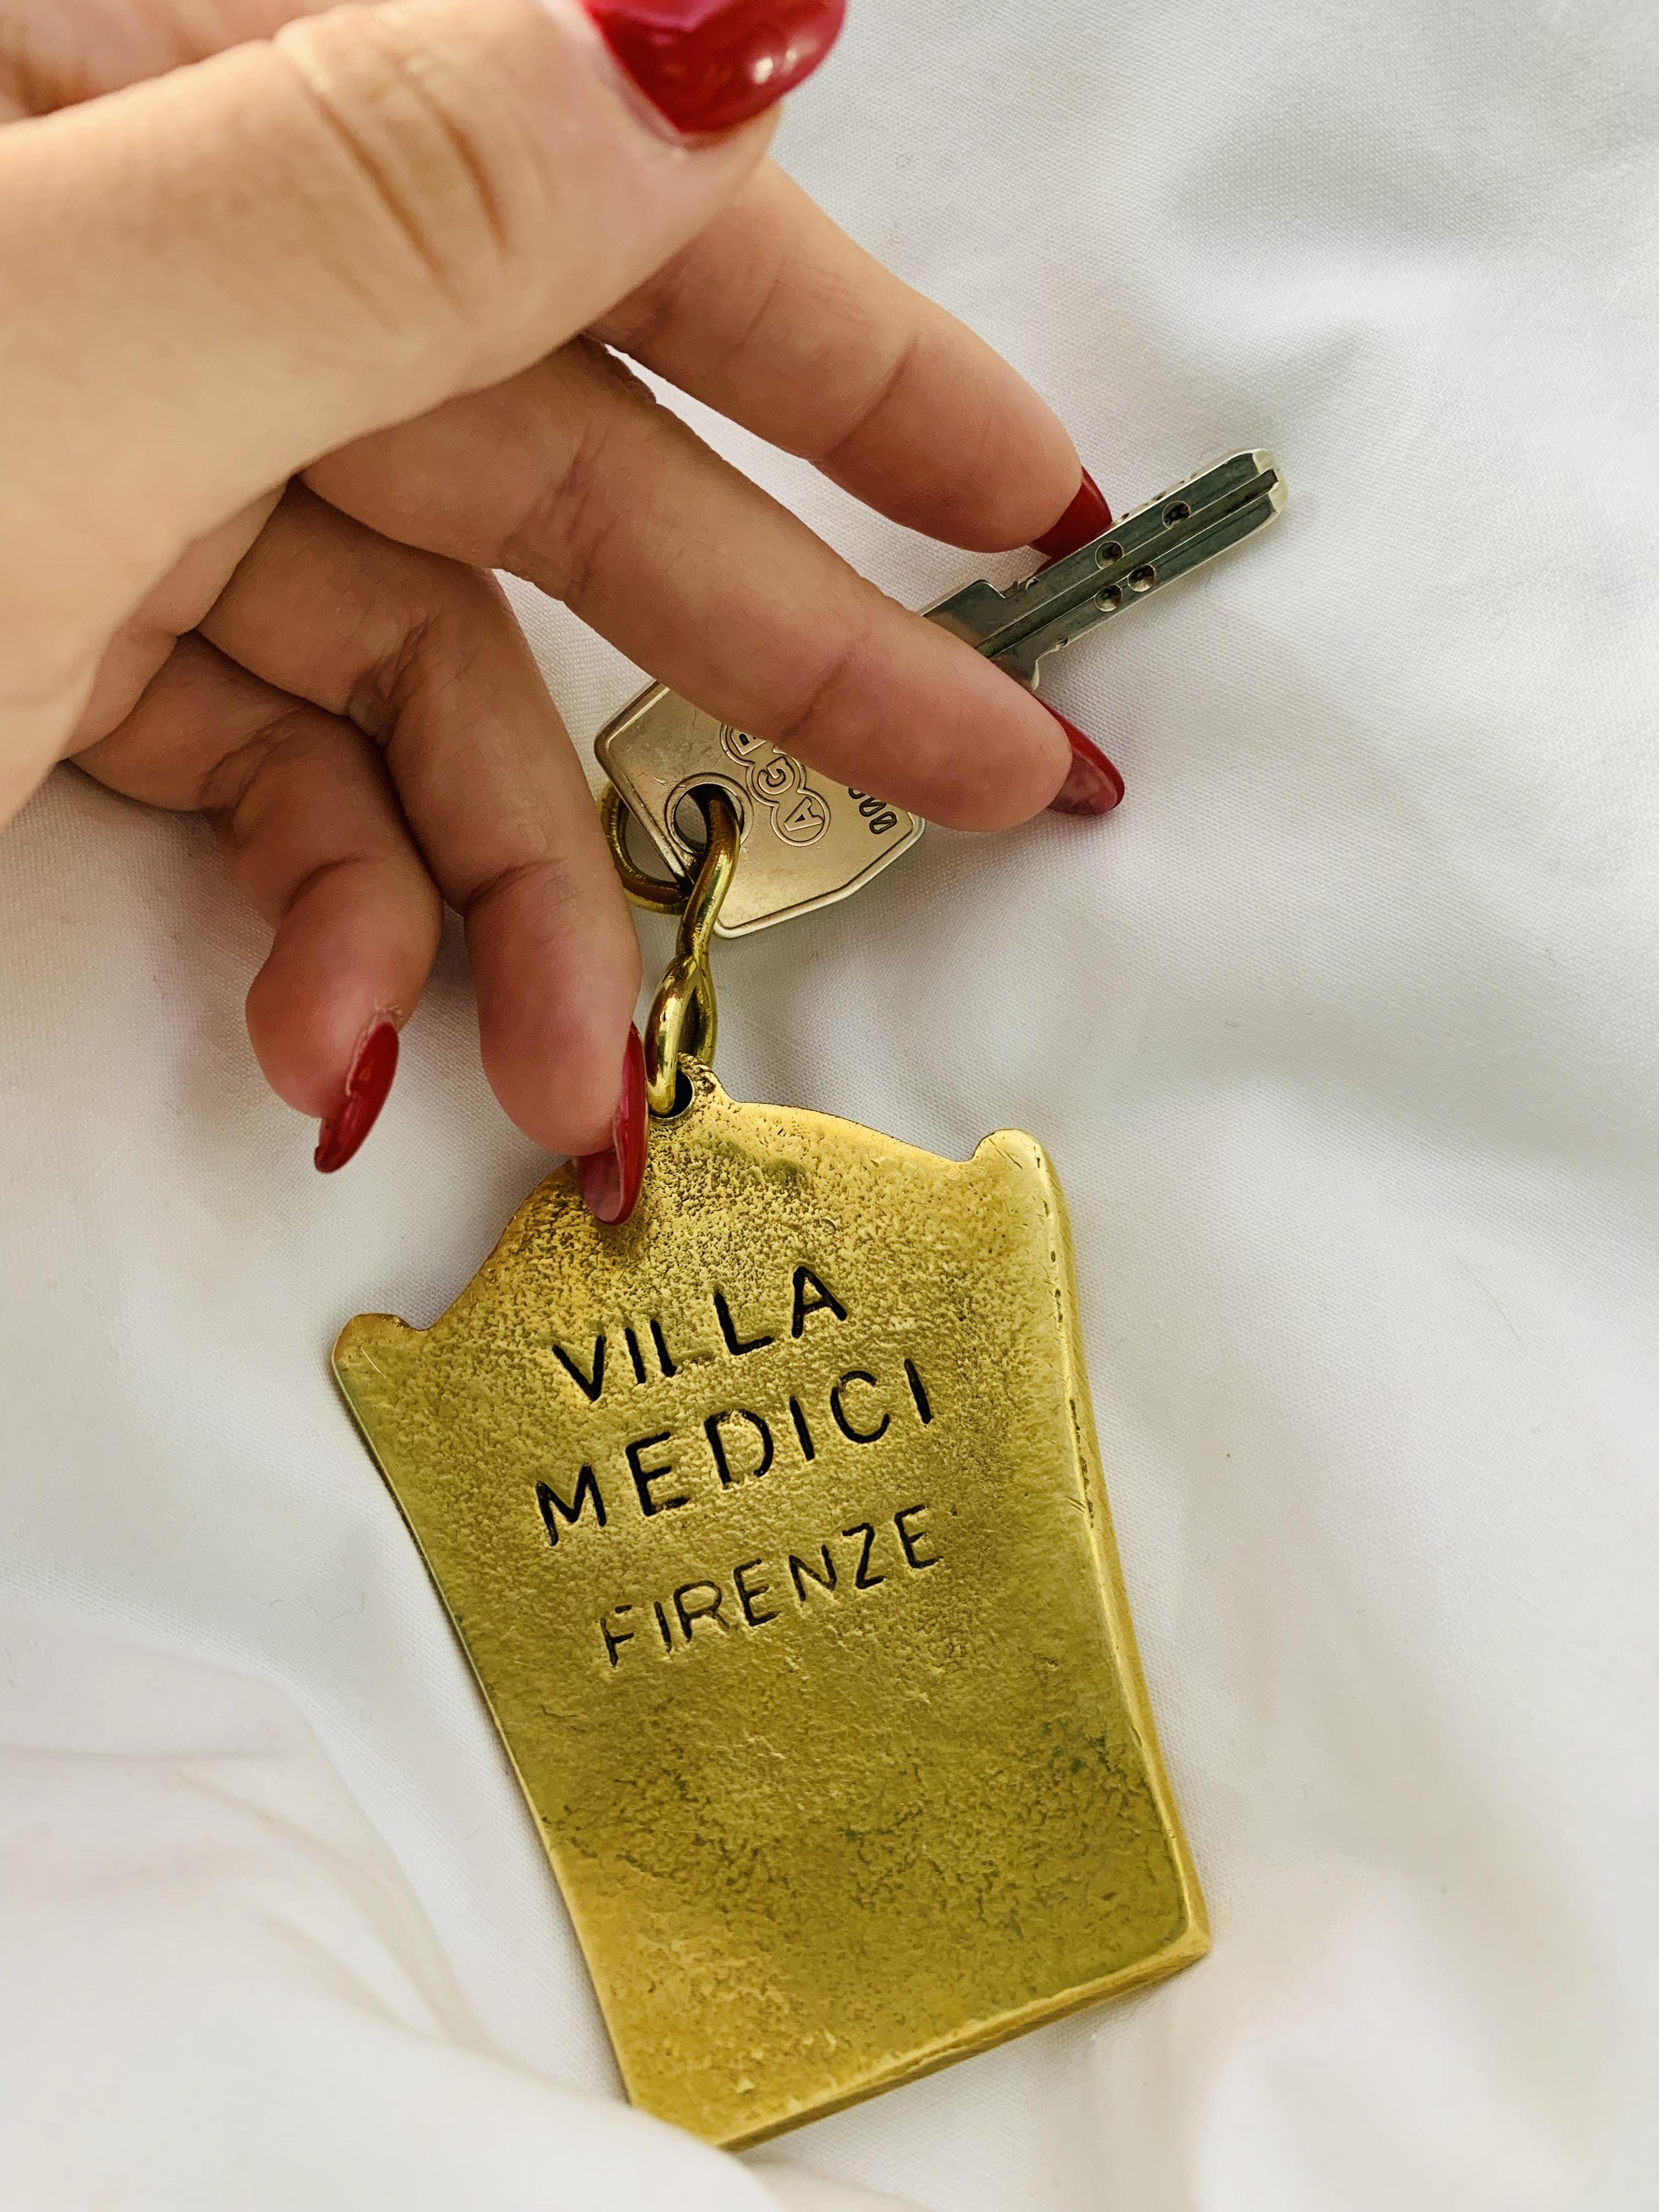 sina-villa-medici-florence-lustforthesublime